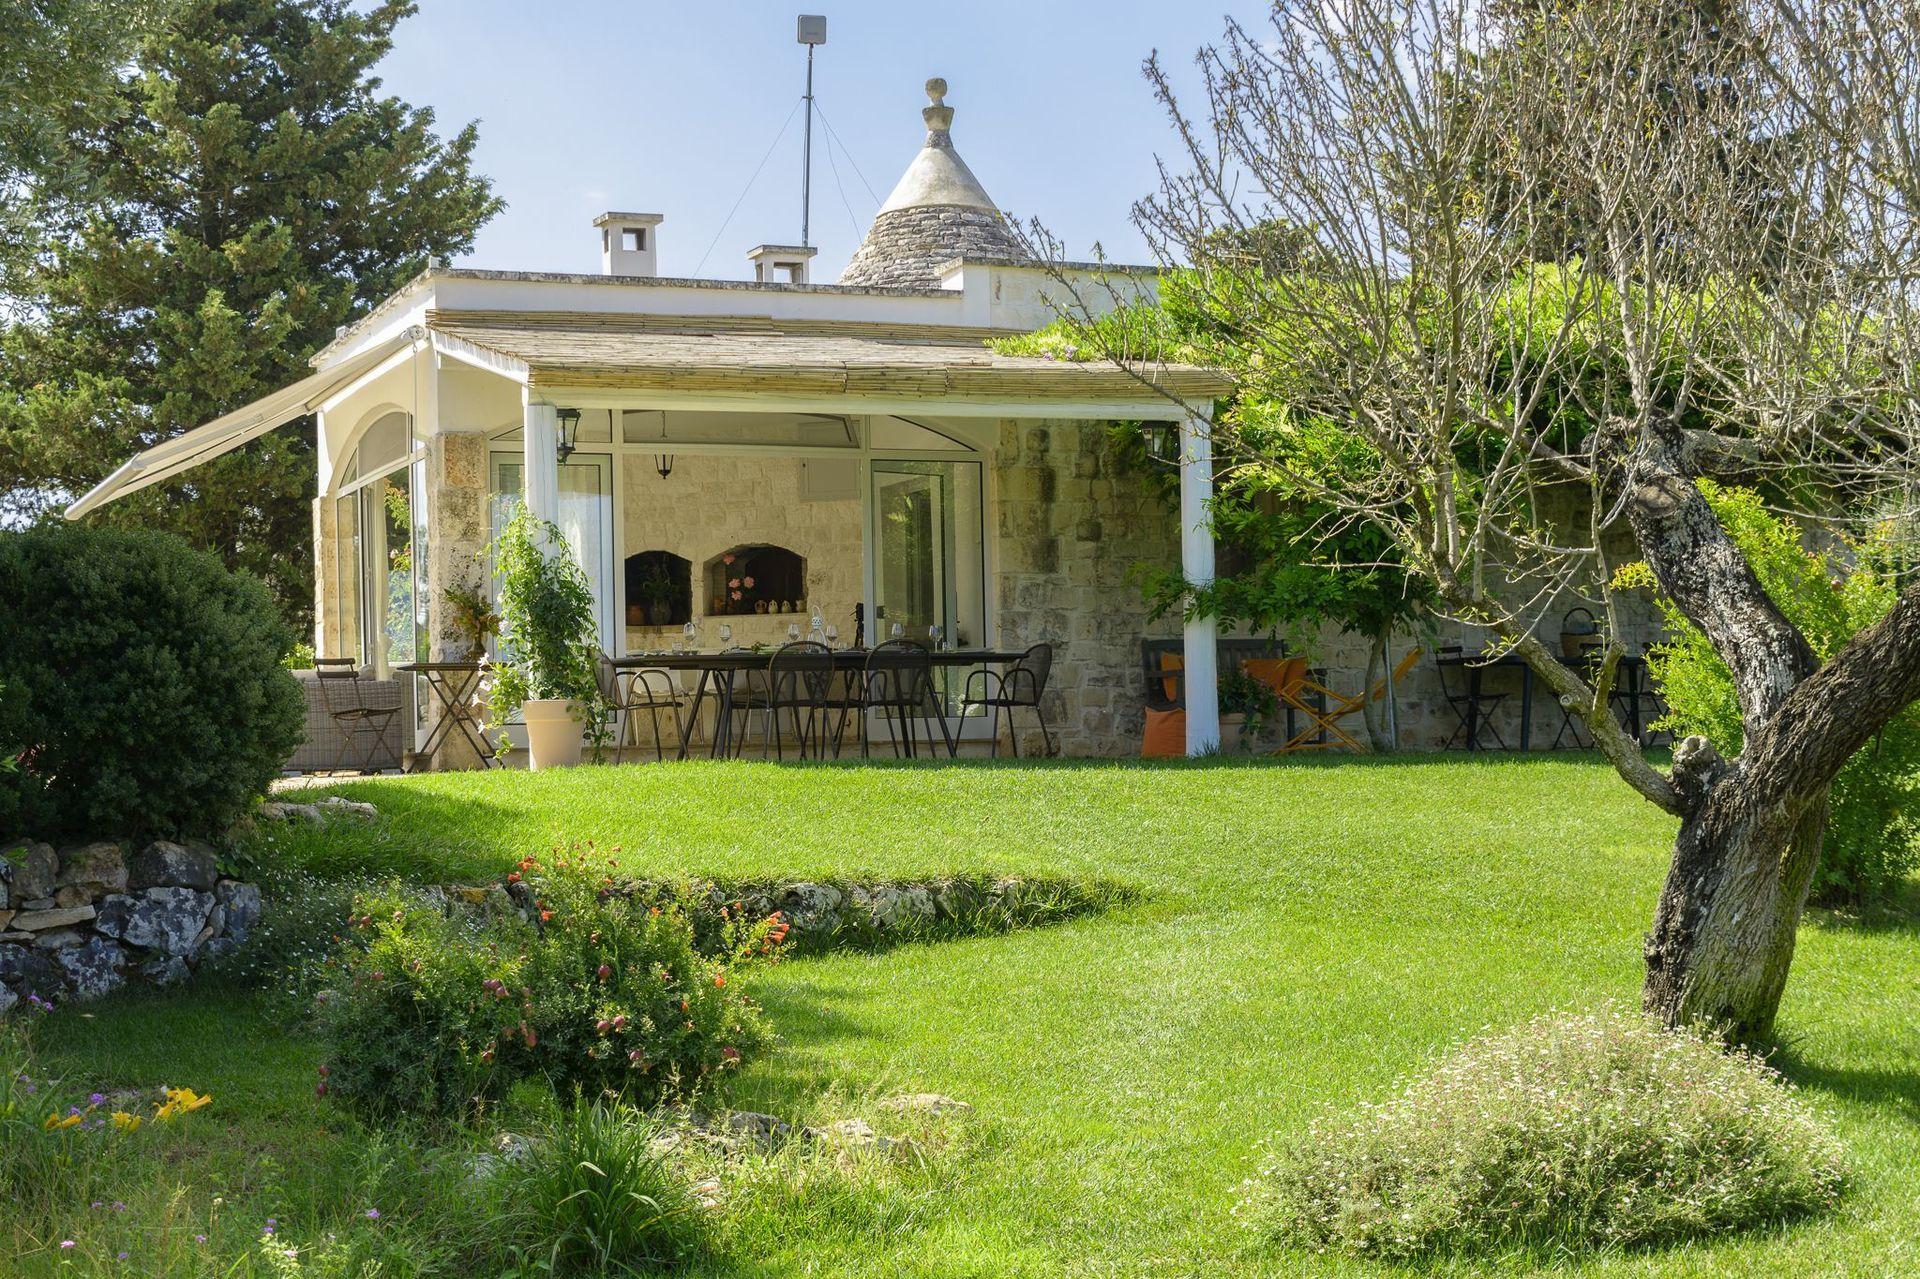 Trullo Petrelli Location De Vacances - Couchages 6 Dans 3 ... destiné Prix Location Jardin